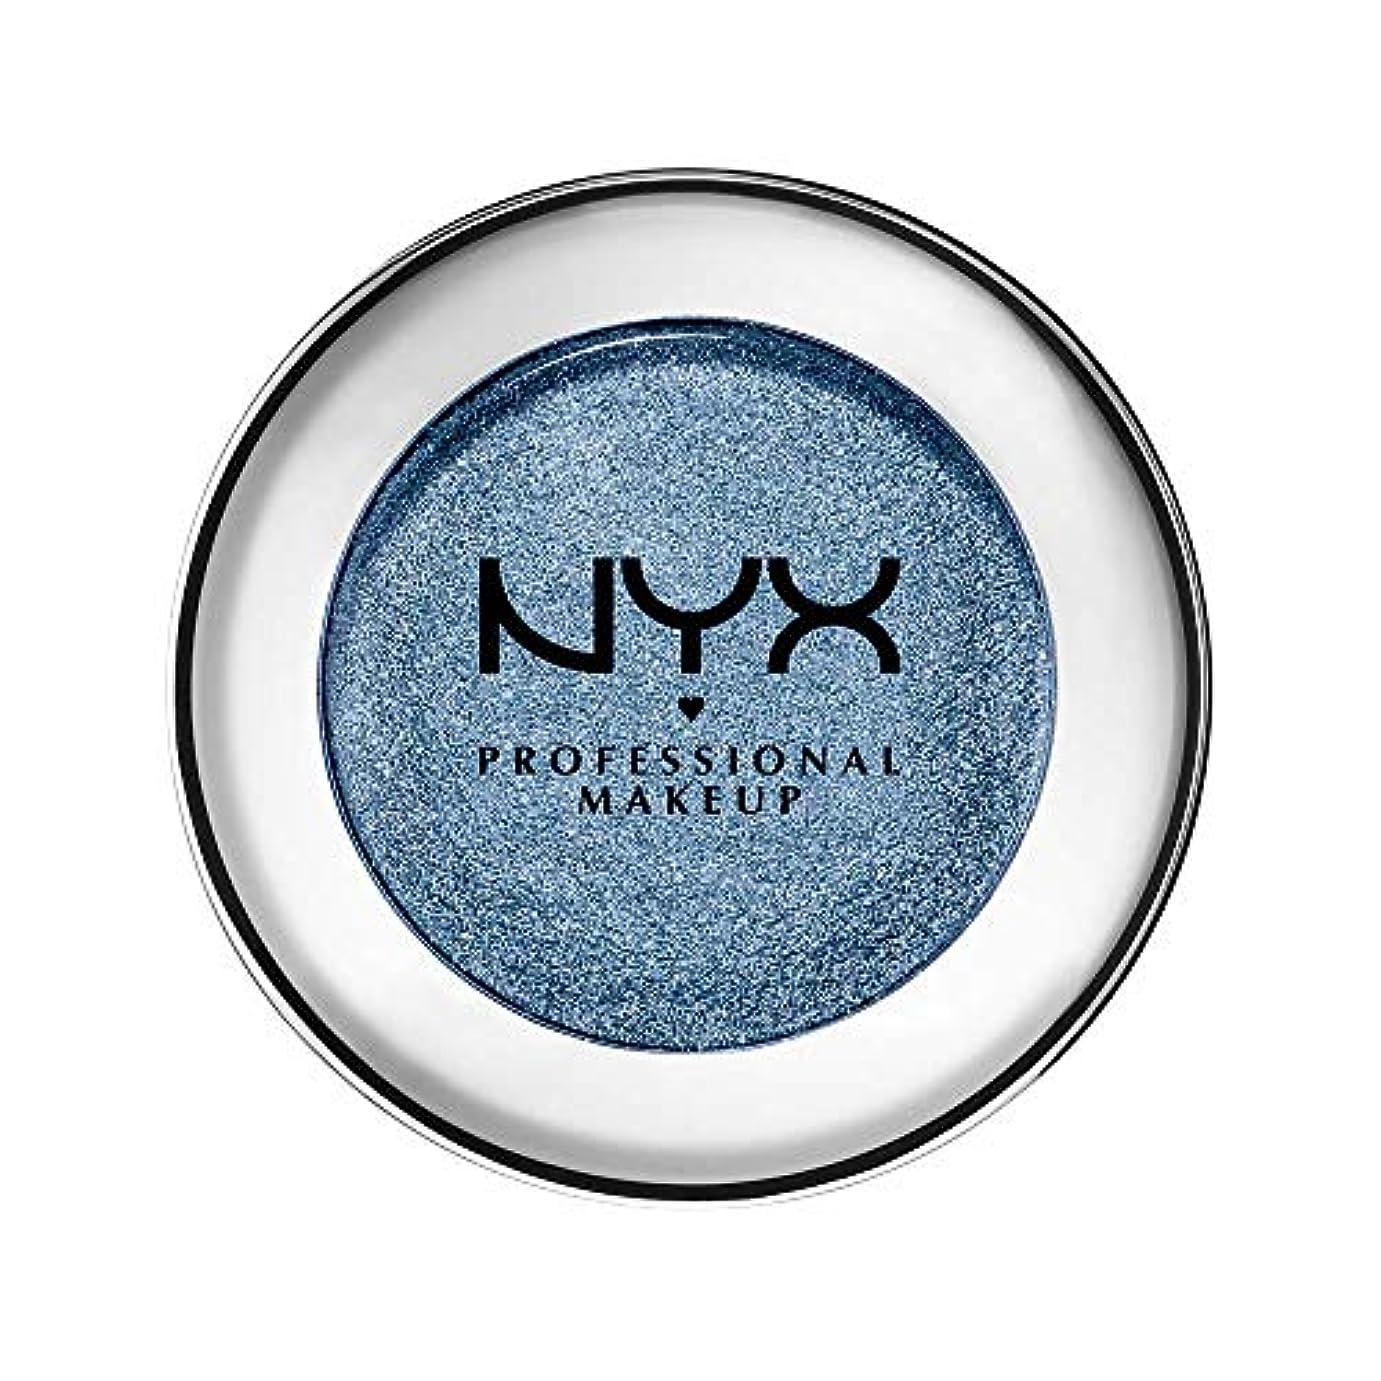 適切に忠誠にやにやNYX(ニックス) プリズマ シャドウ 08 カラーブルー ジーンズ